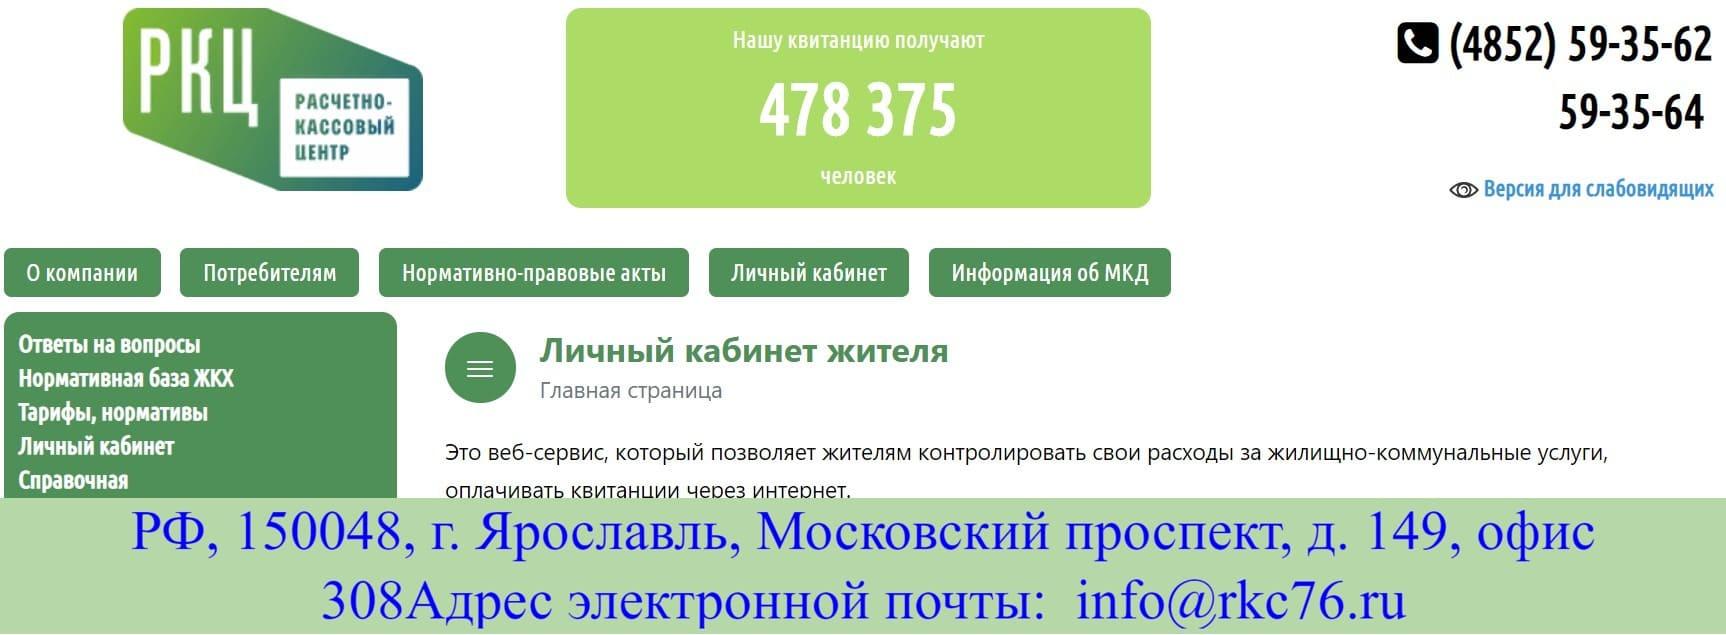 ЯРКЦ РФ личный кабинет